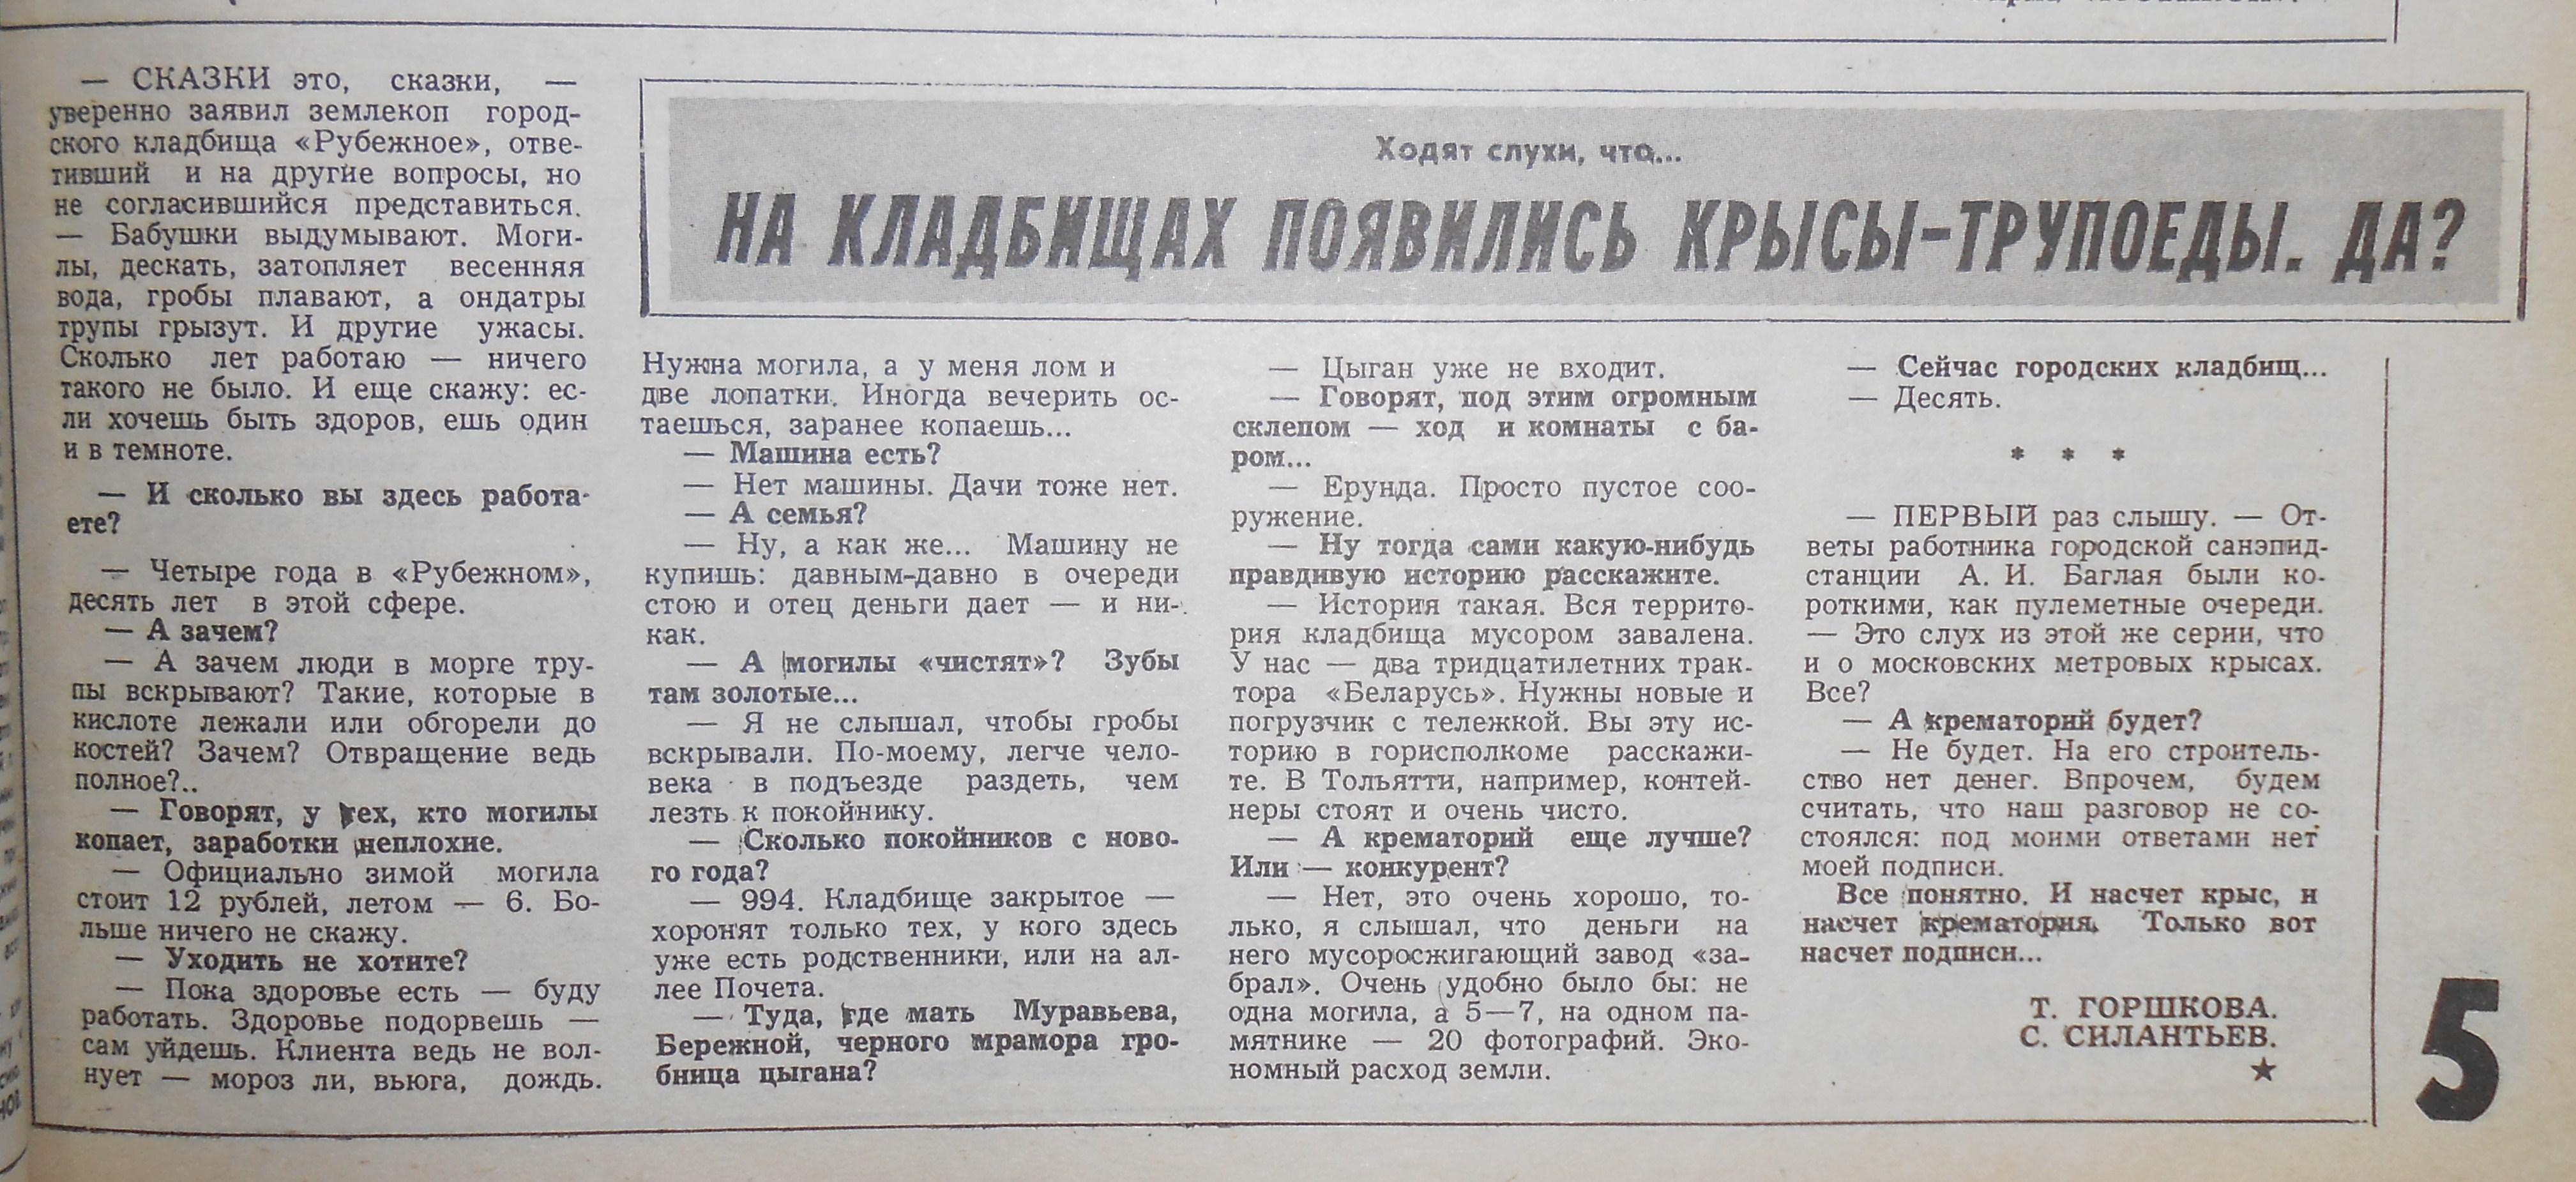 Сам.Газета. 15 мая. Крысы - трупоеды